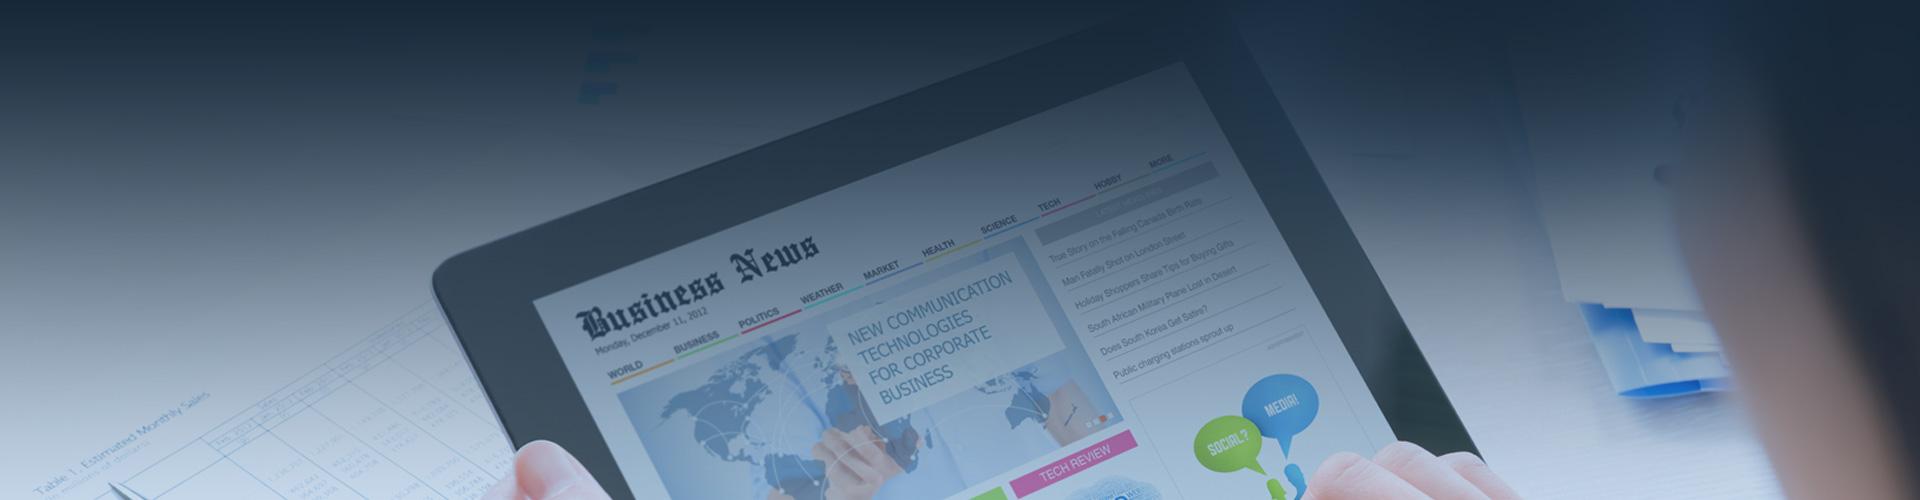 ePS News